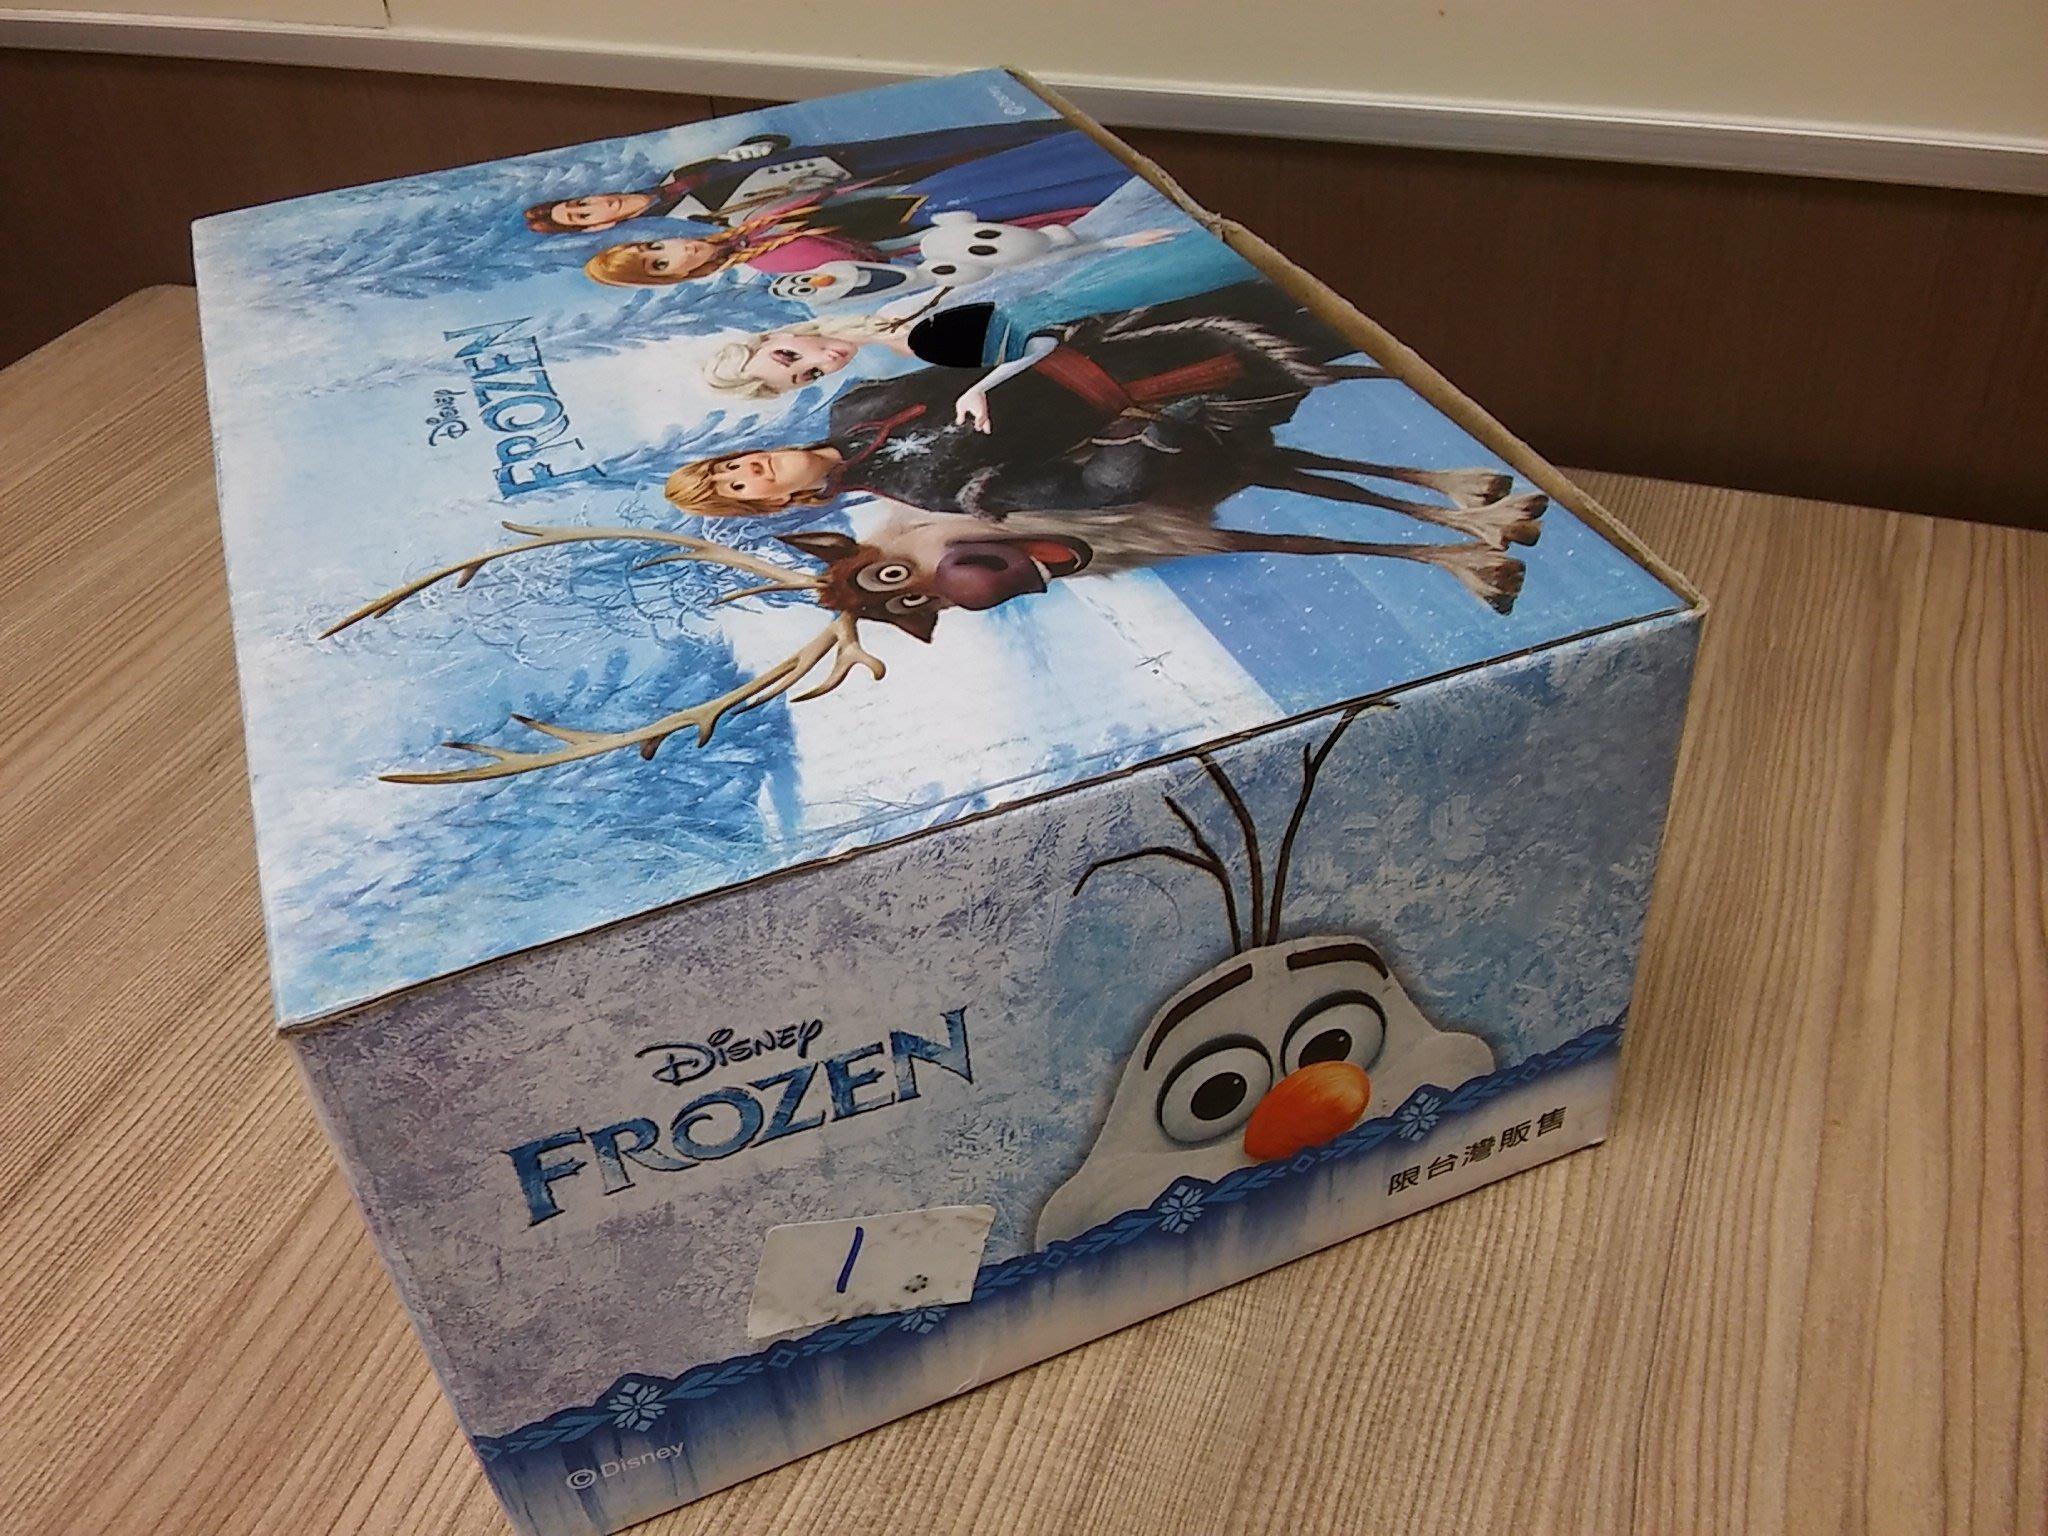 1318] 迪士尼冰雪奇緣Frozen #170 童鞋盒包裝盒/球鞋紙盒(只有盒子,沒有物品)